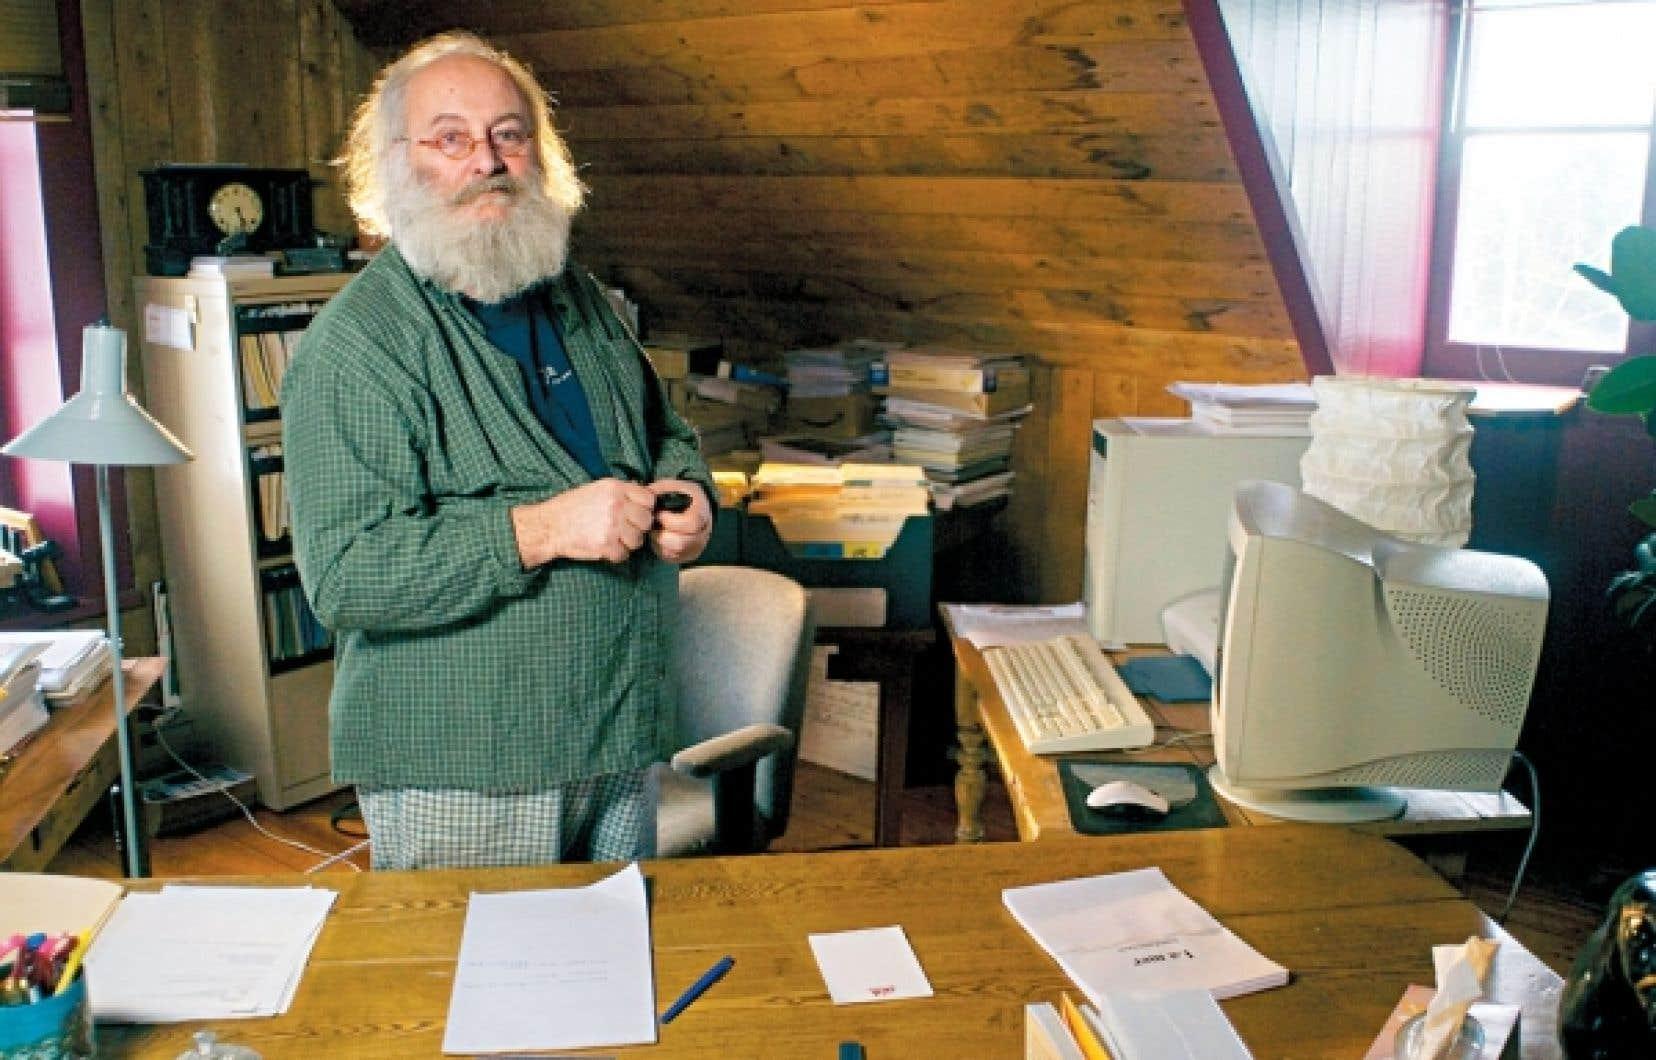 La lettre de l'écrivain Victor-Lévy Beaulieu est démagogique et contient des faussetés, affirme le maire de Trois-Pistoles, Jean-Pierre Rioux.